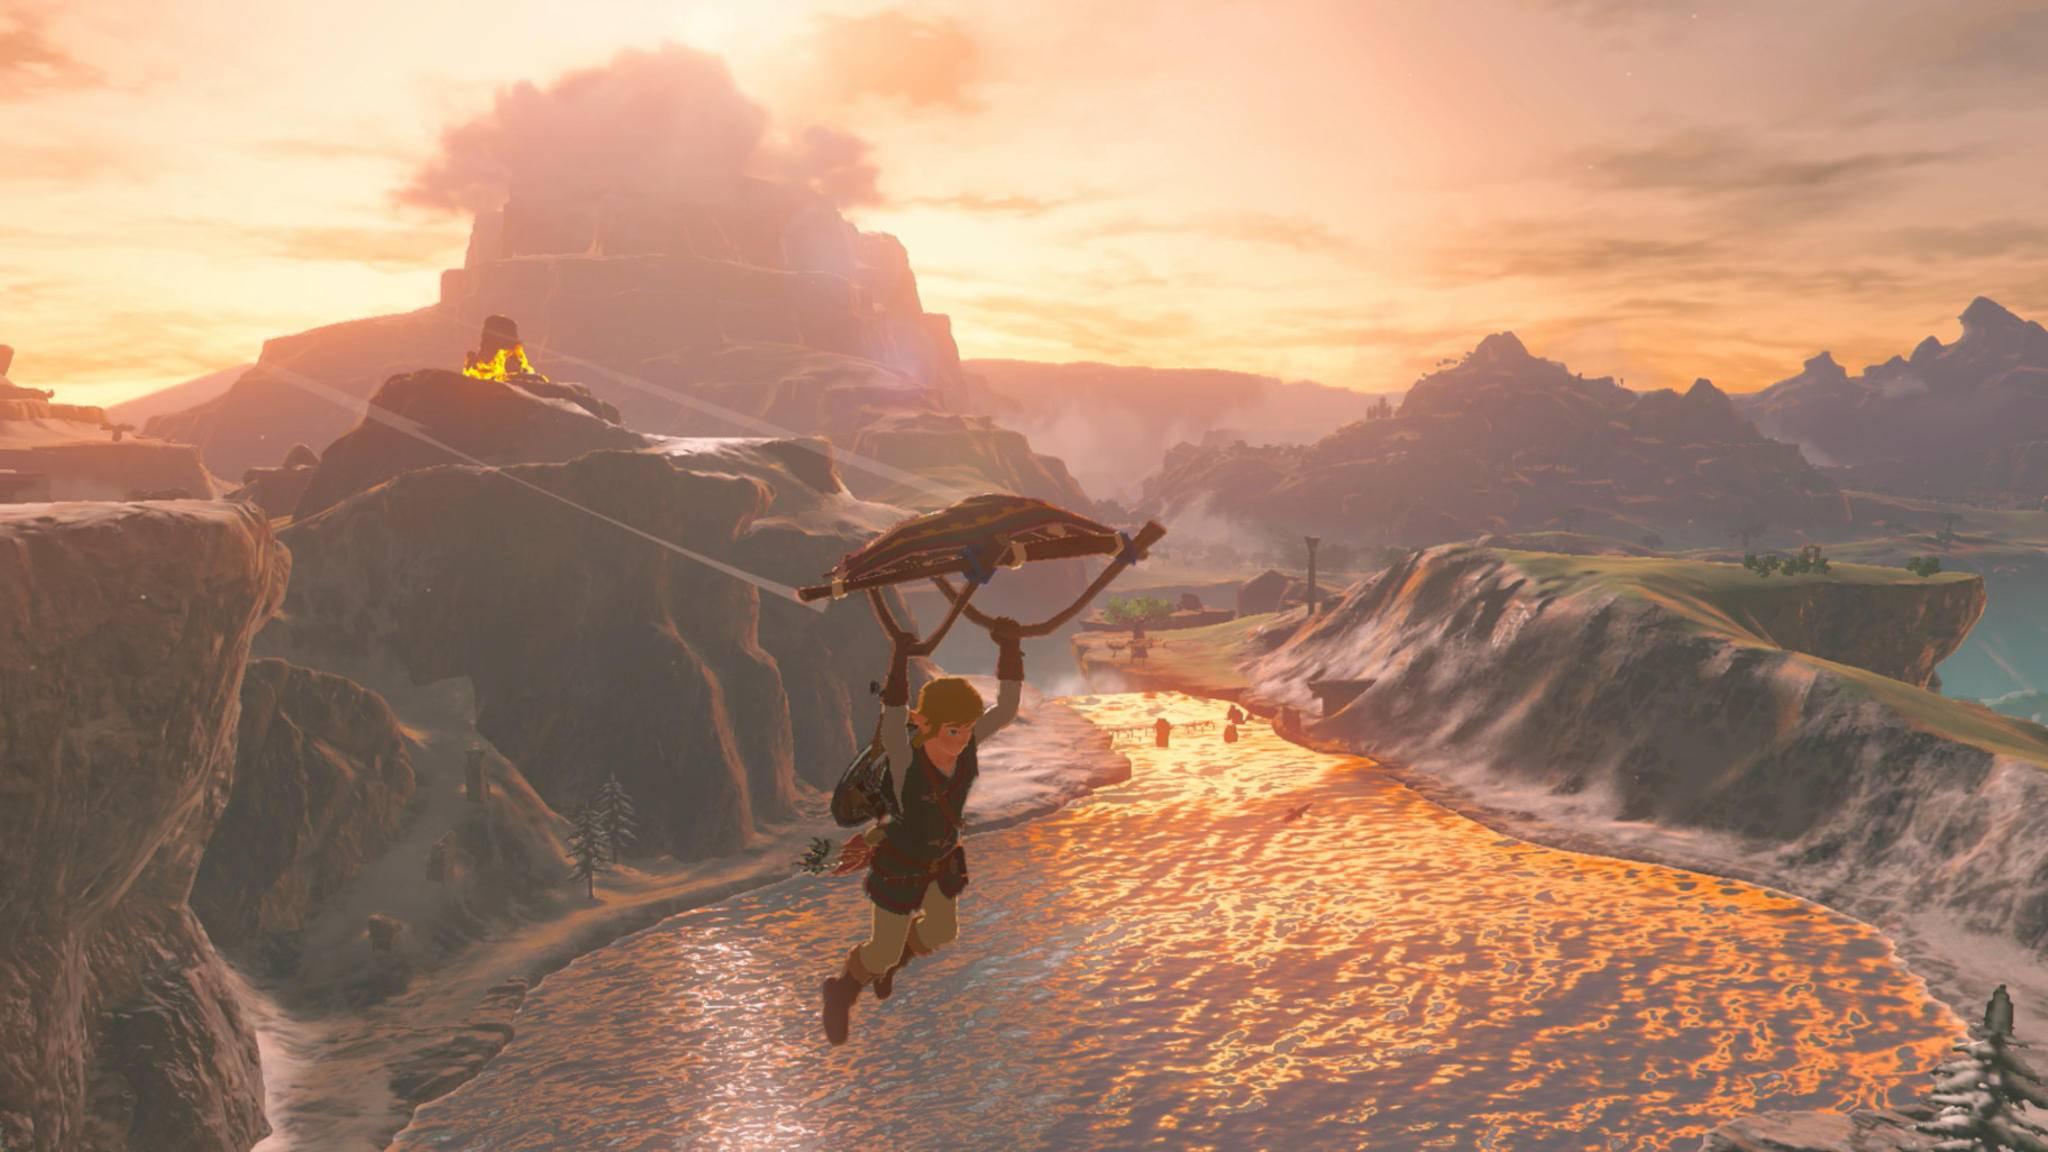 Bis Link zu neuen Abenteuern segelt, dauert es wohl noch eine ganze Weile ...